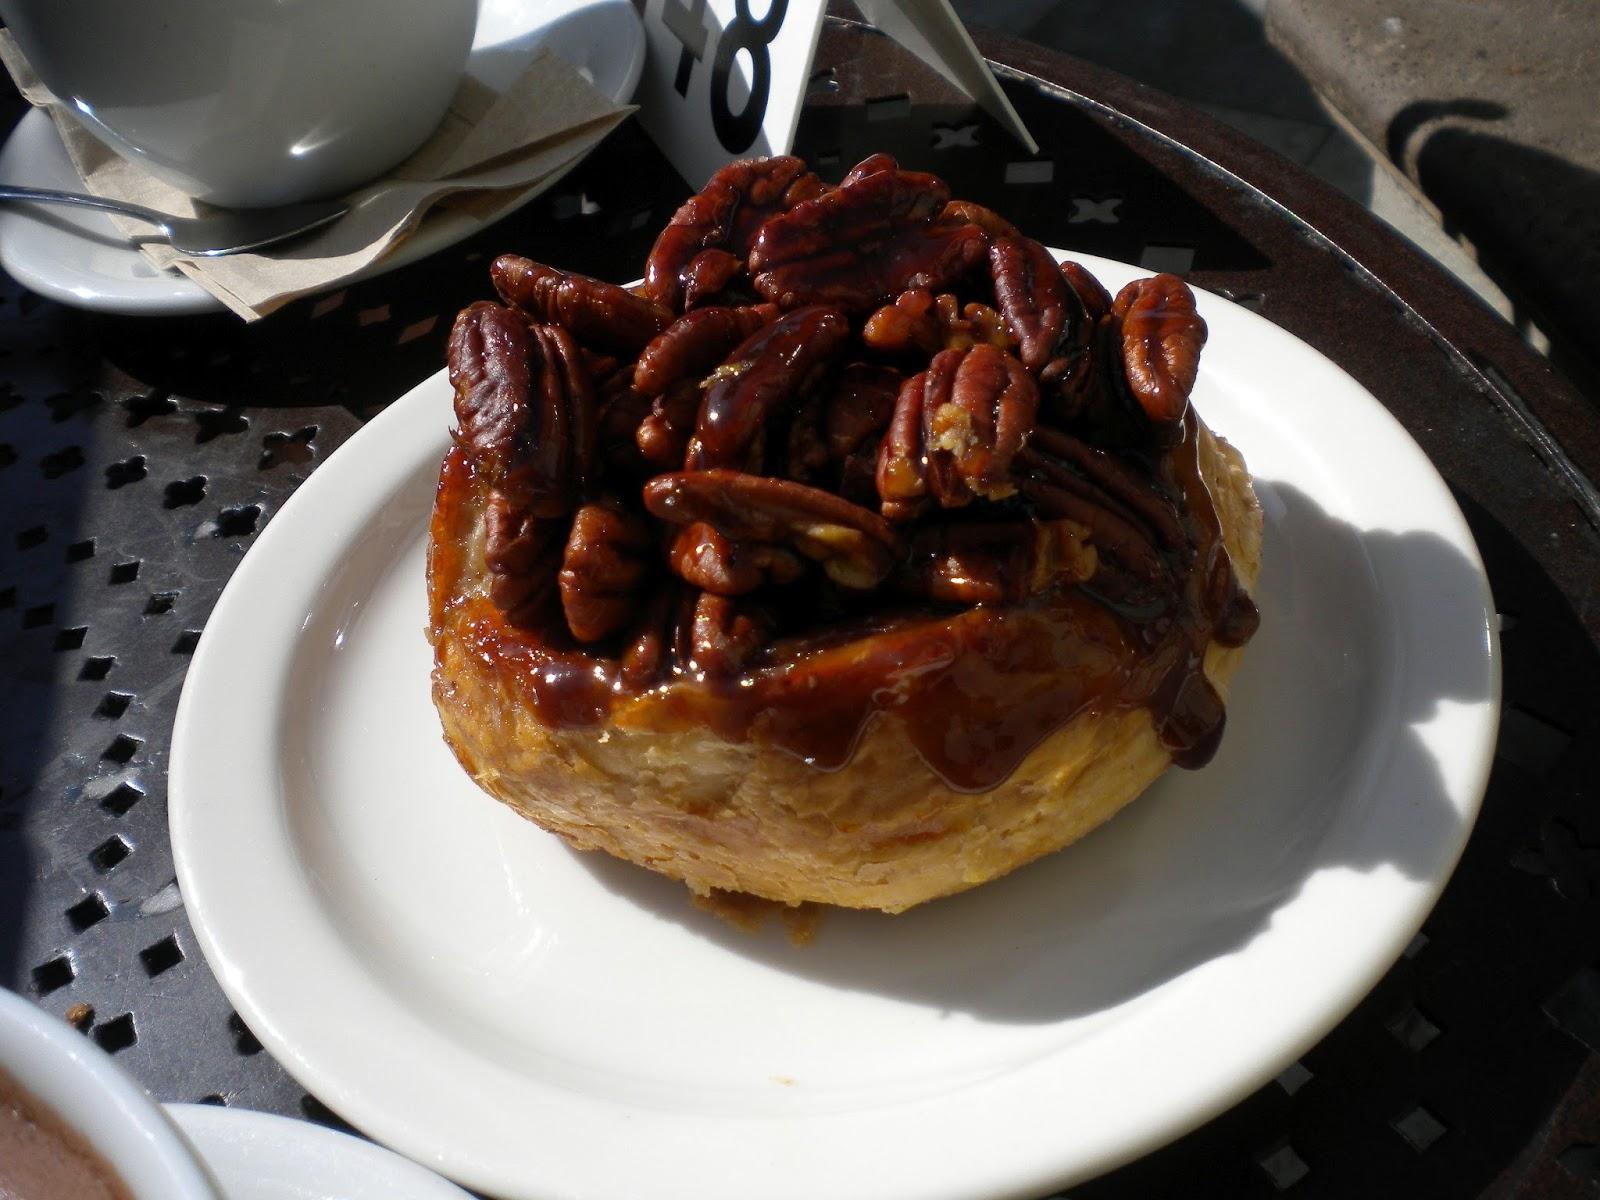 Santa Monica Los Angeles Urth Caffe kahvila vinkki Mallaspulla matkakertomus sticky bun pekaanipähkinä tahmapulla